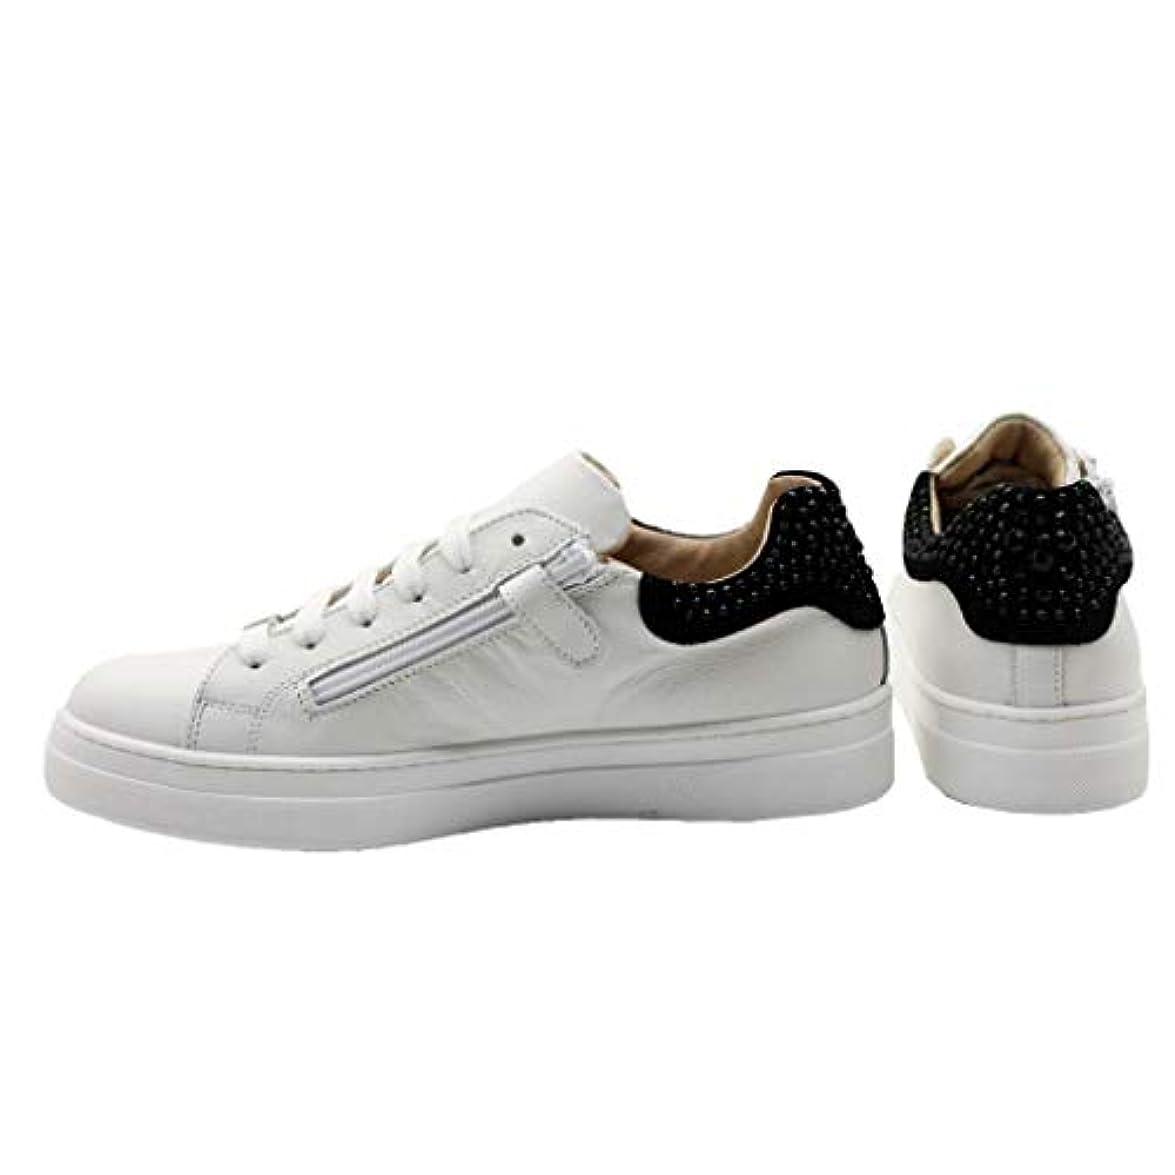 Liu Jo Girl L4a4 20317 0076x858 Bianco Sneakers Scarpe Donna Calzature Comode